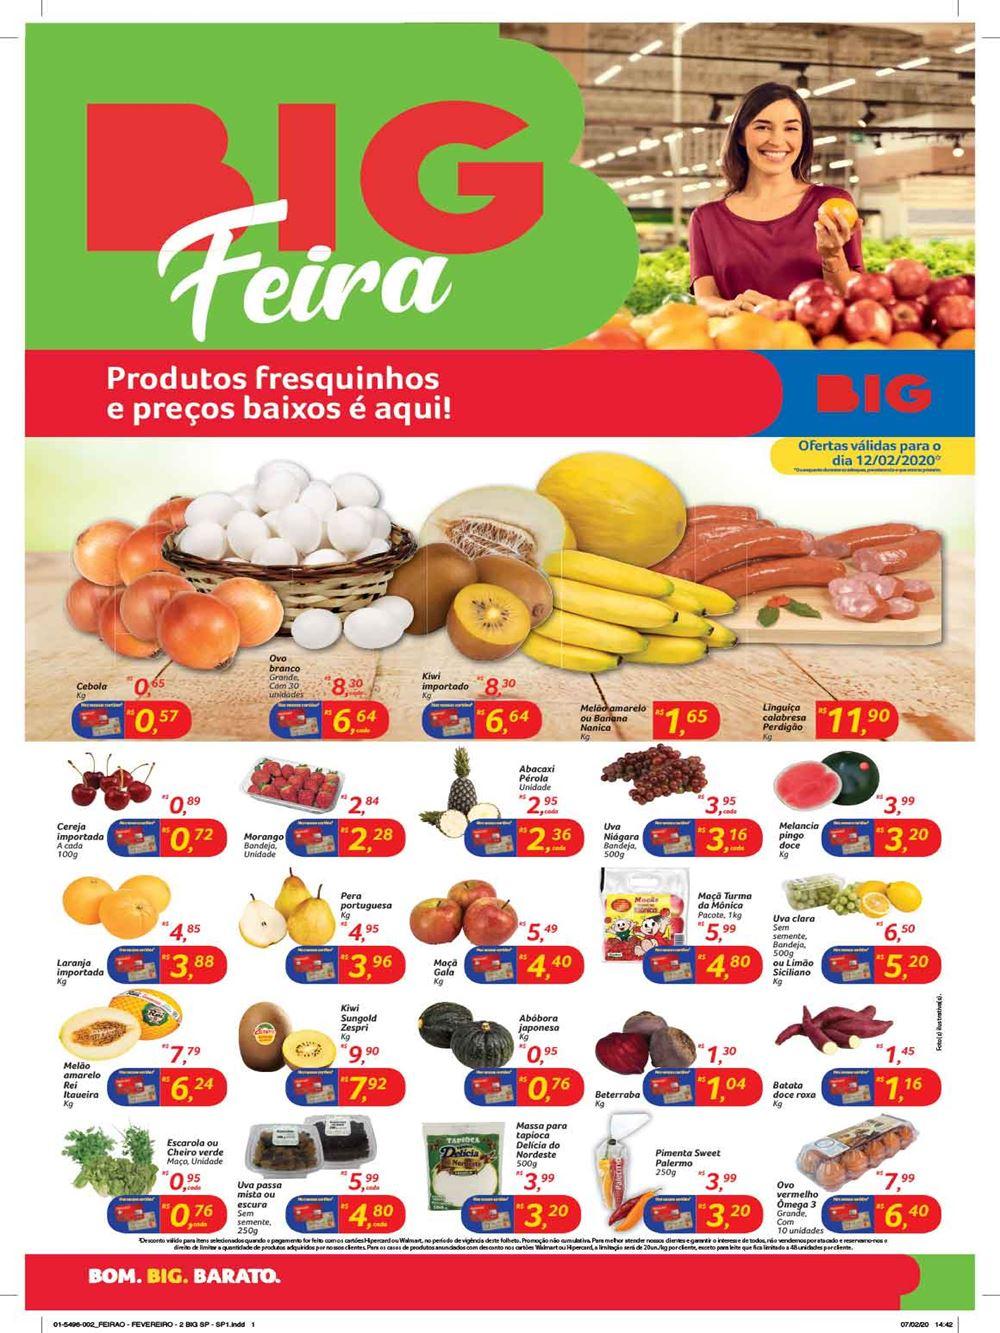 big-Ofertas-tABLOIDE1-4 Novo Folheto BIG Feira preço baixo é aqui- ofertas para 12/02